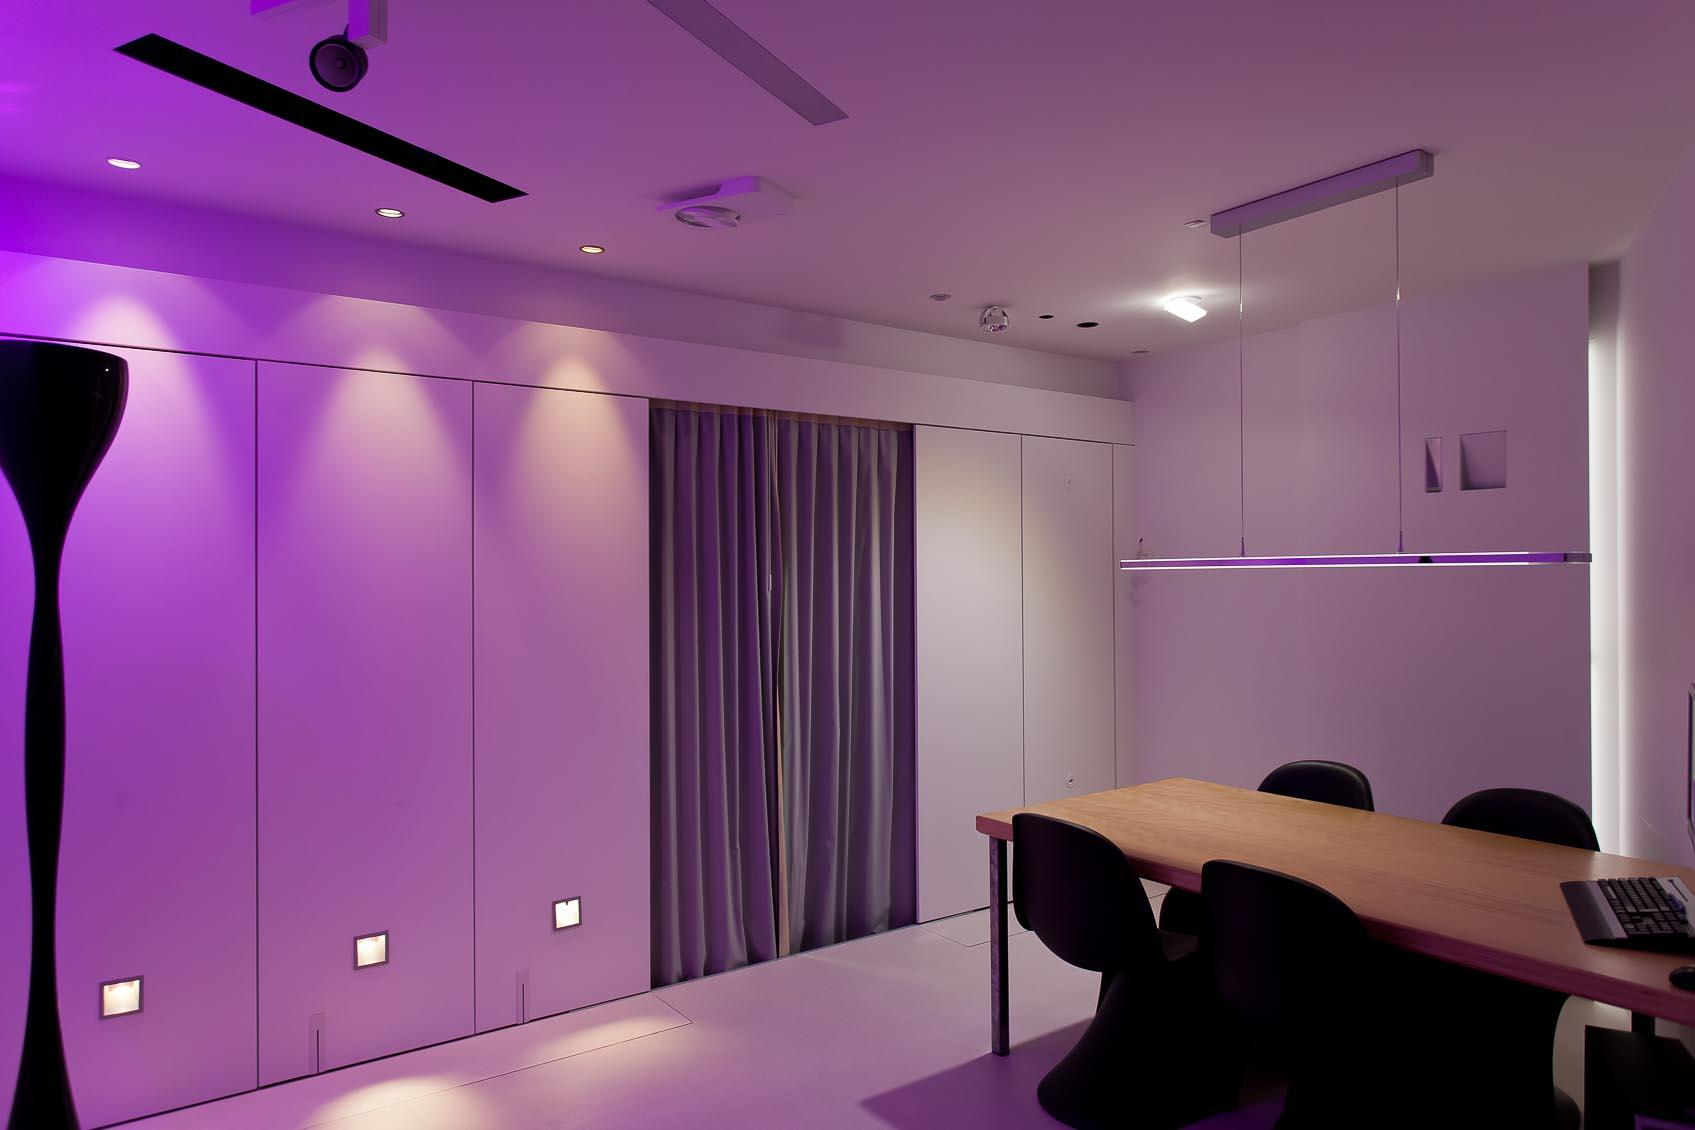 Beleef interieurverlichting in onze design lichtstudio7